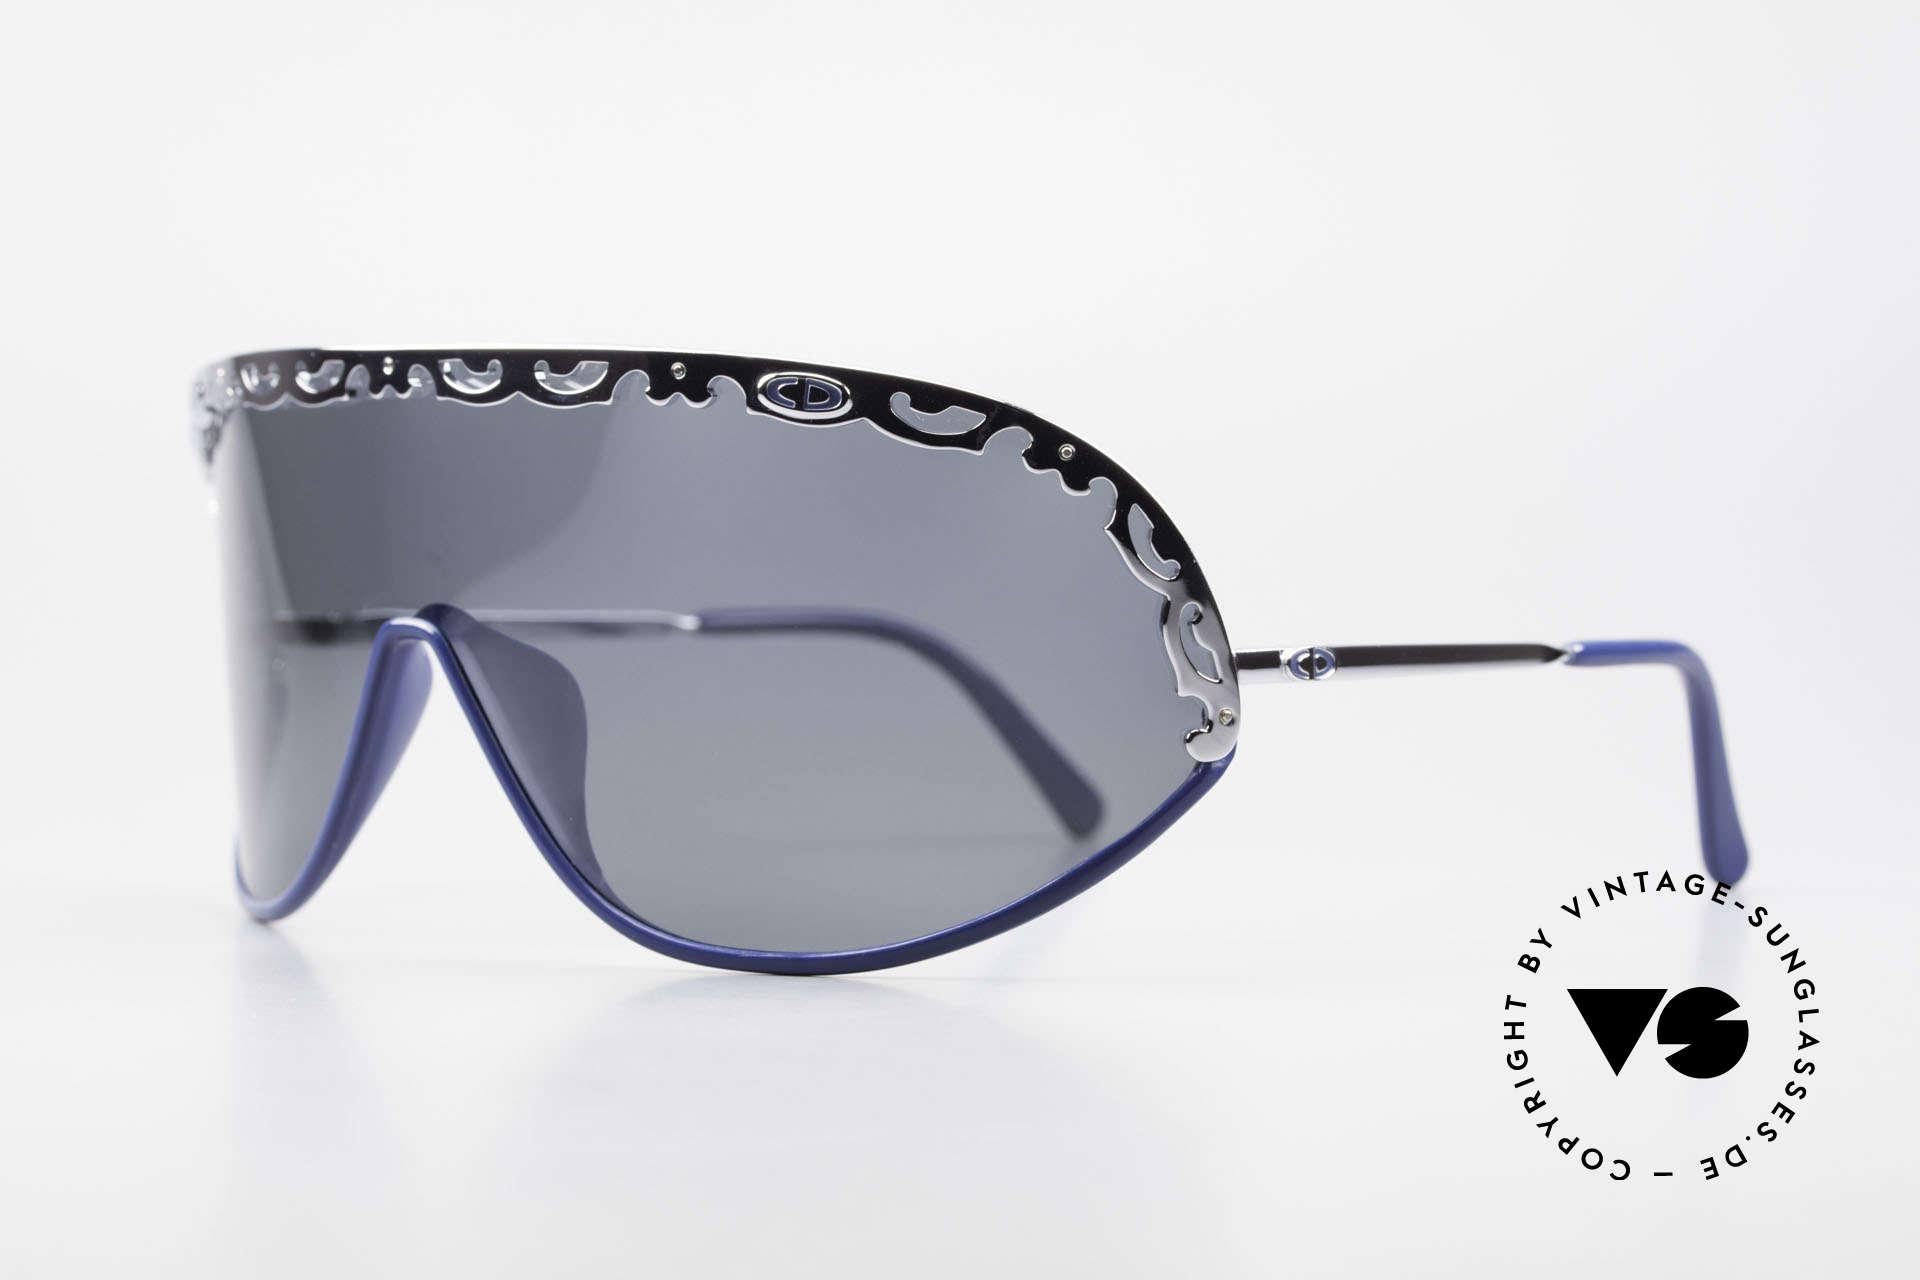 Christian Dior 2501 Panorama View Designerbrille, funktionales Designerstück mit polarisierender Scheibe, Passend für Damen